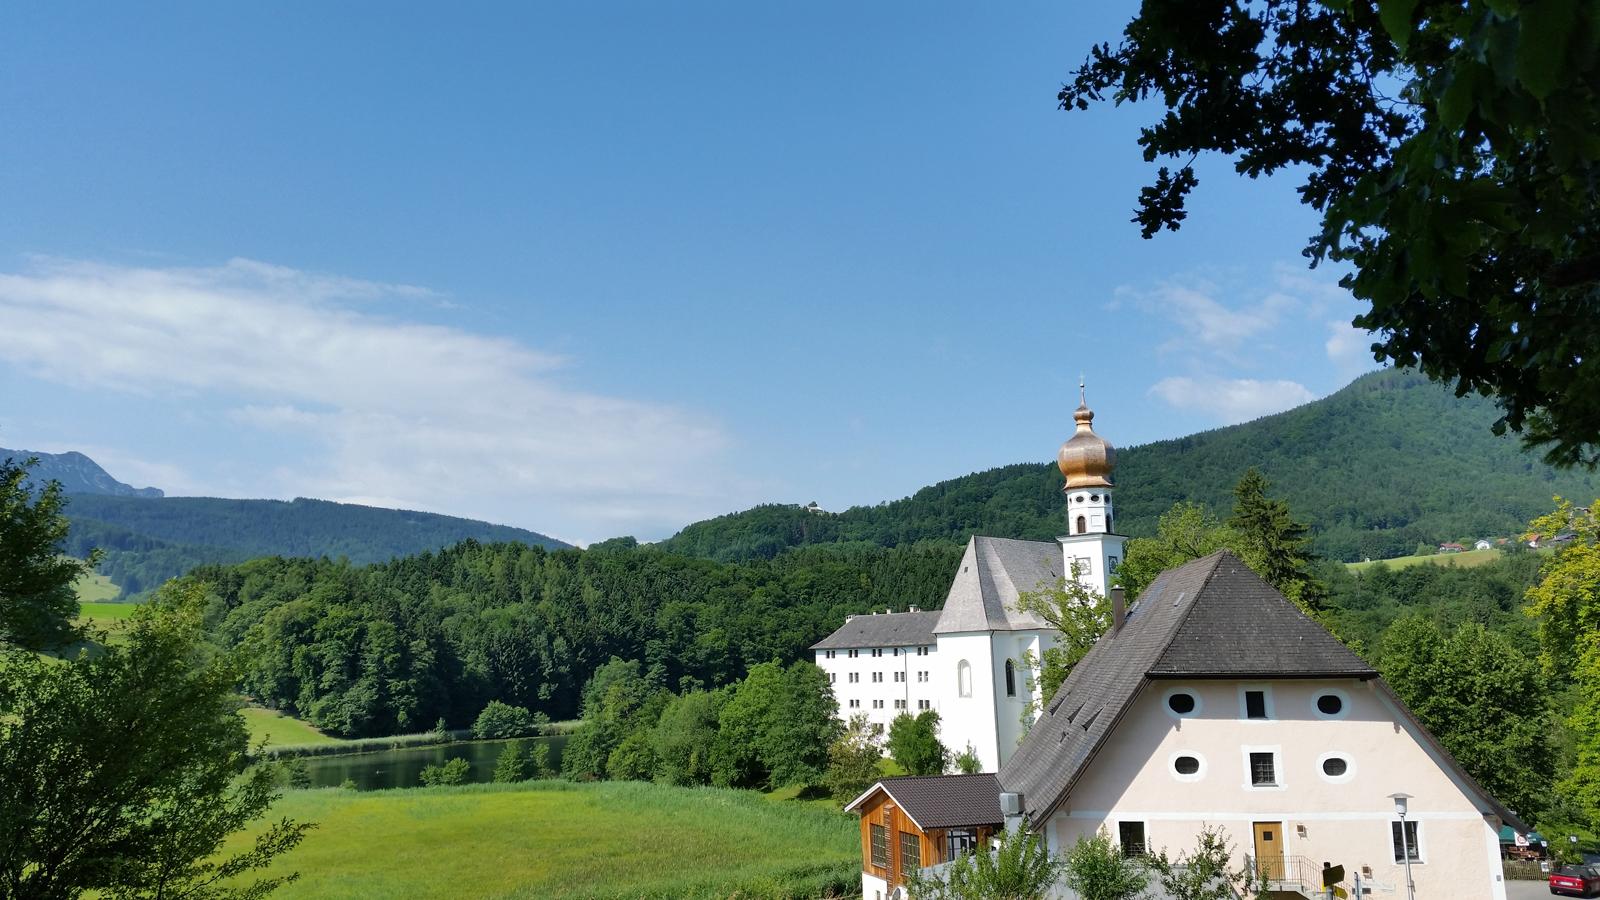 Blick über den Klosterwirt zum Kloster Höglwörth und Höglwörther See